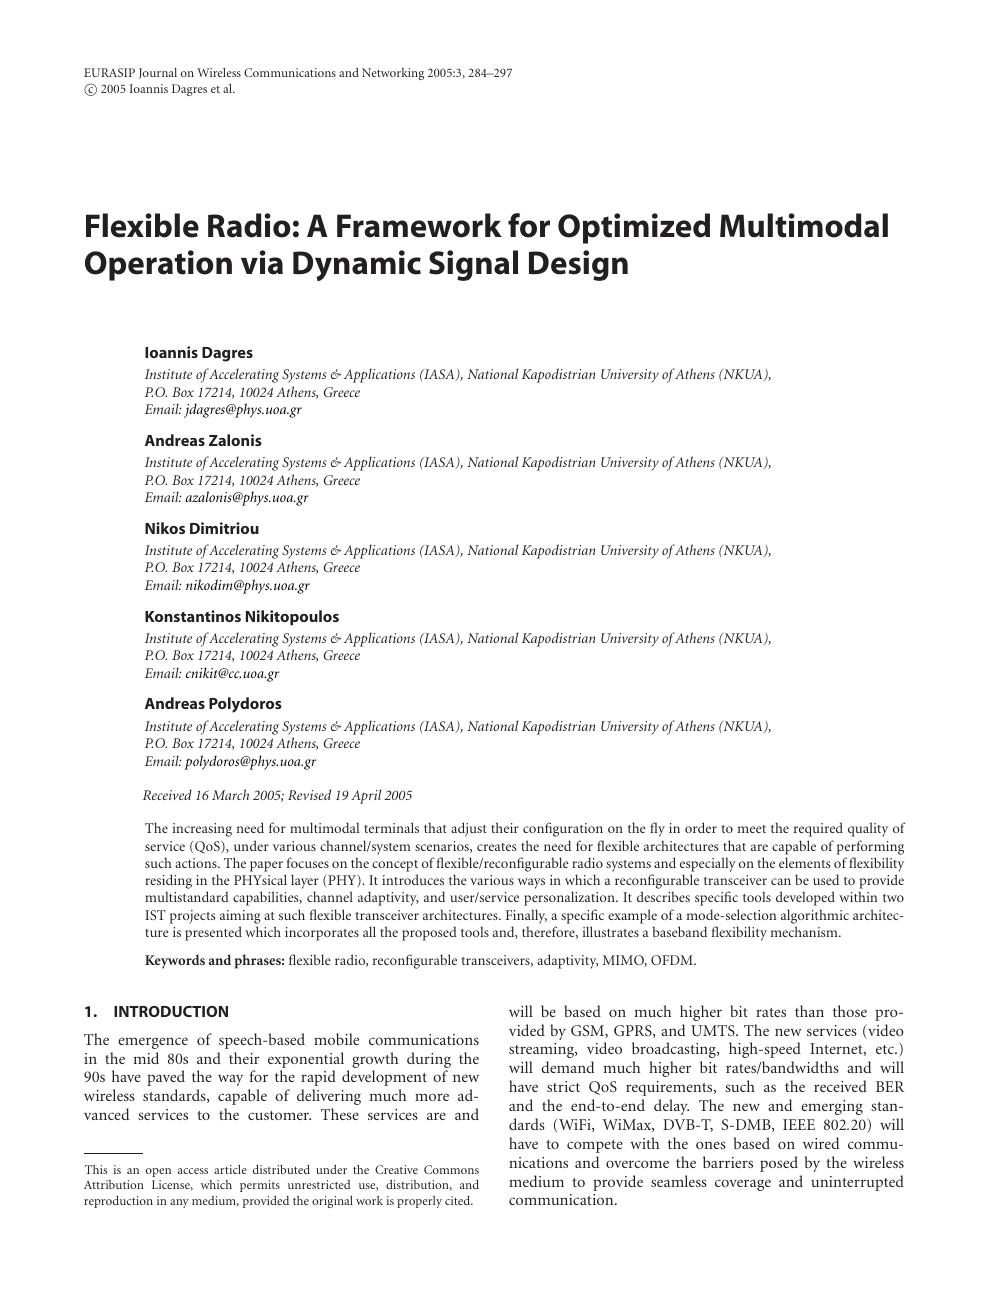 Flexible Radio: A Framework for Optimized Multimodal